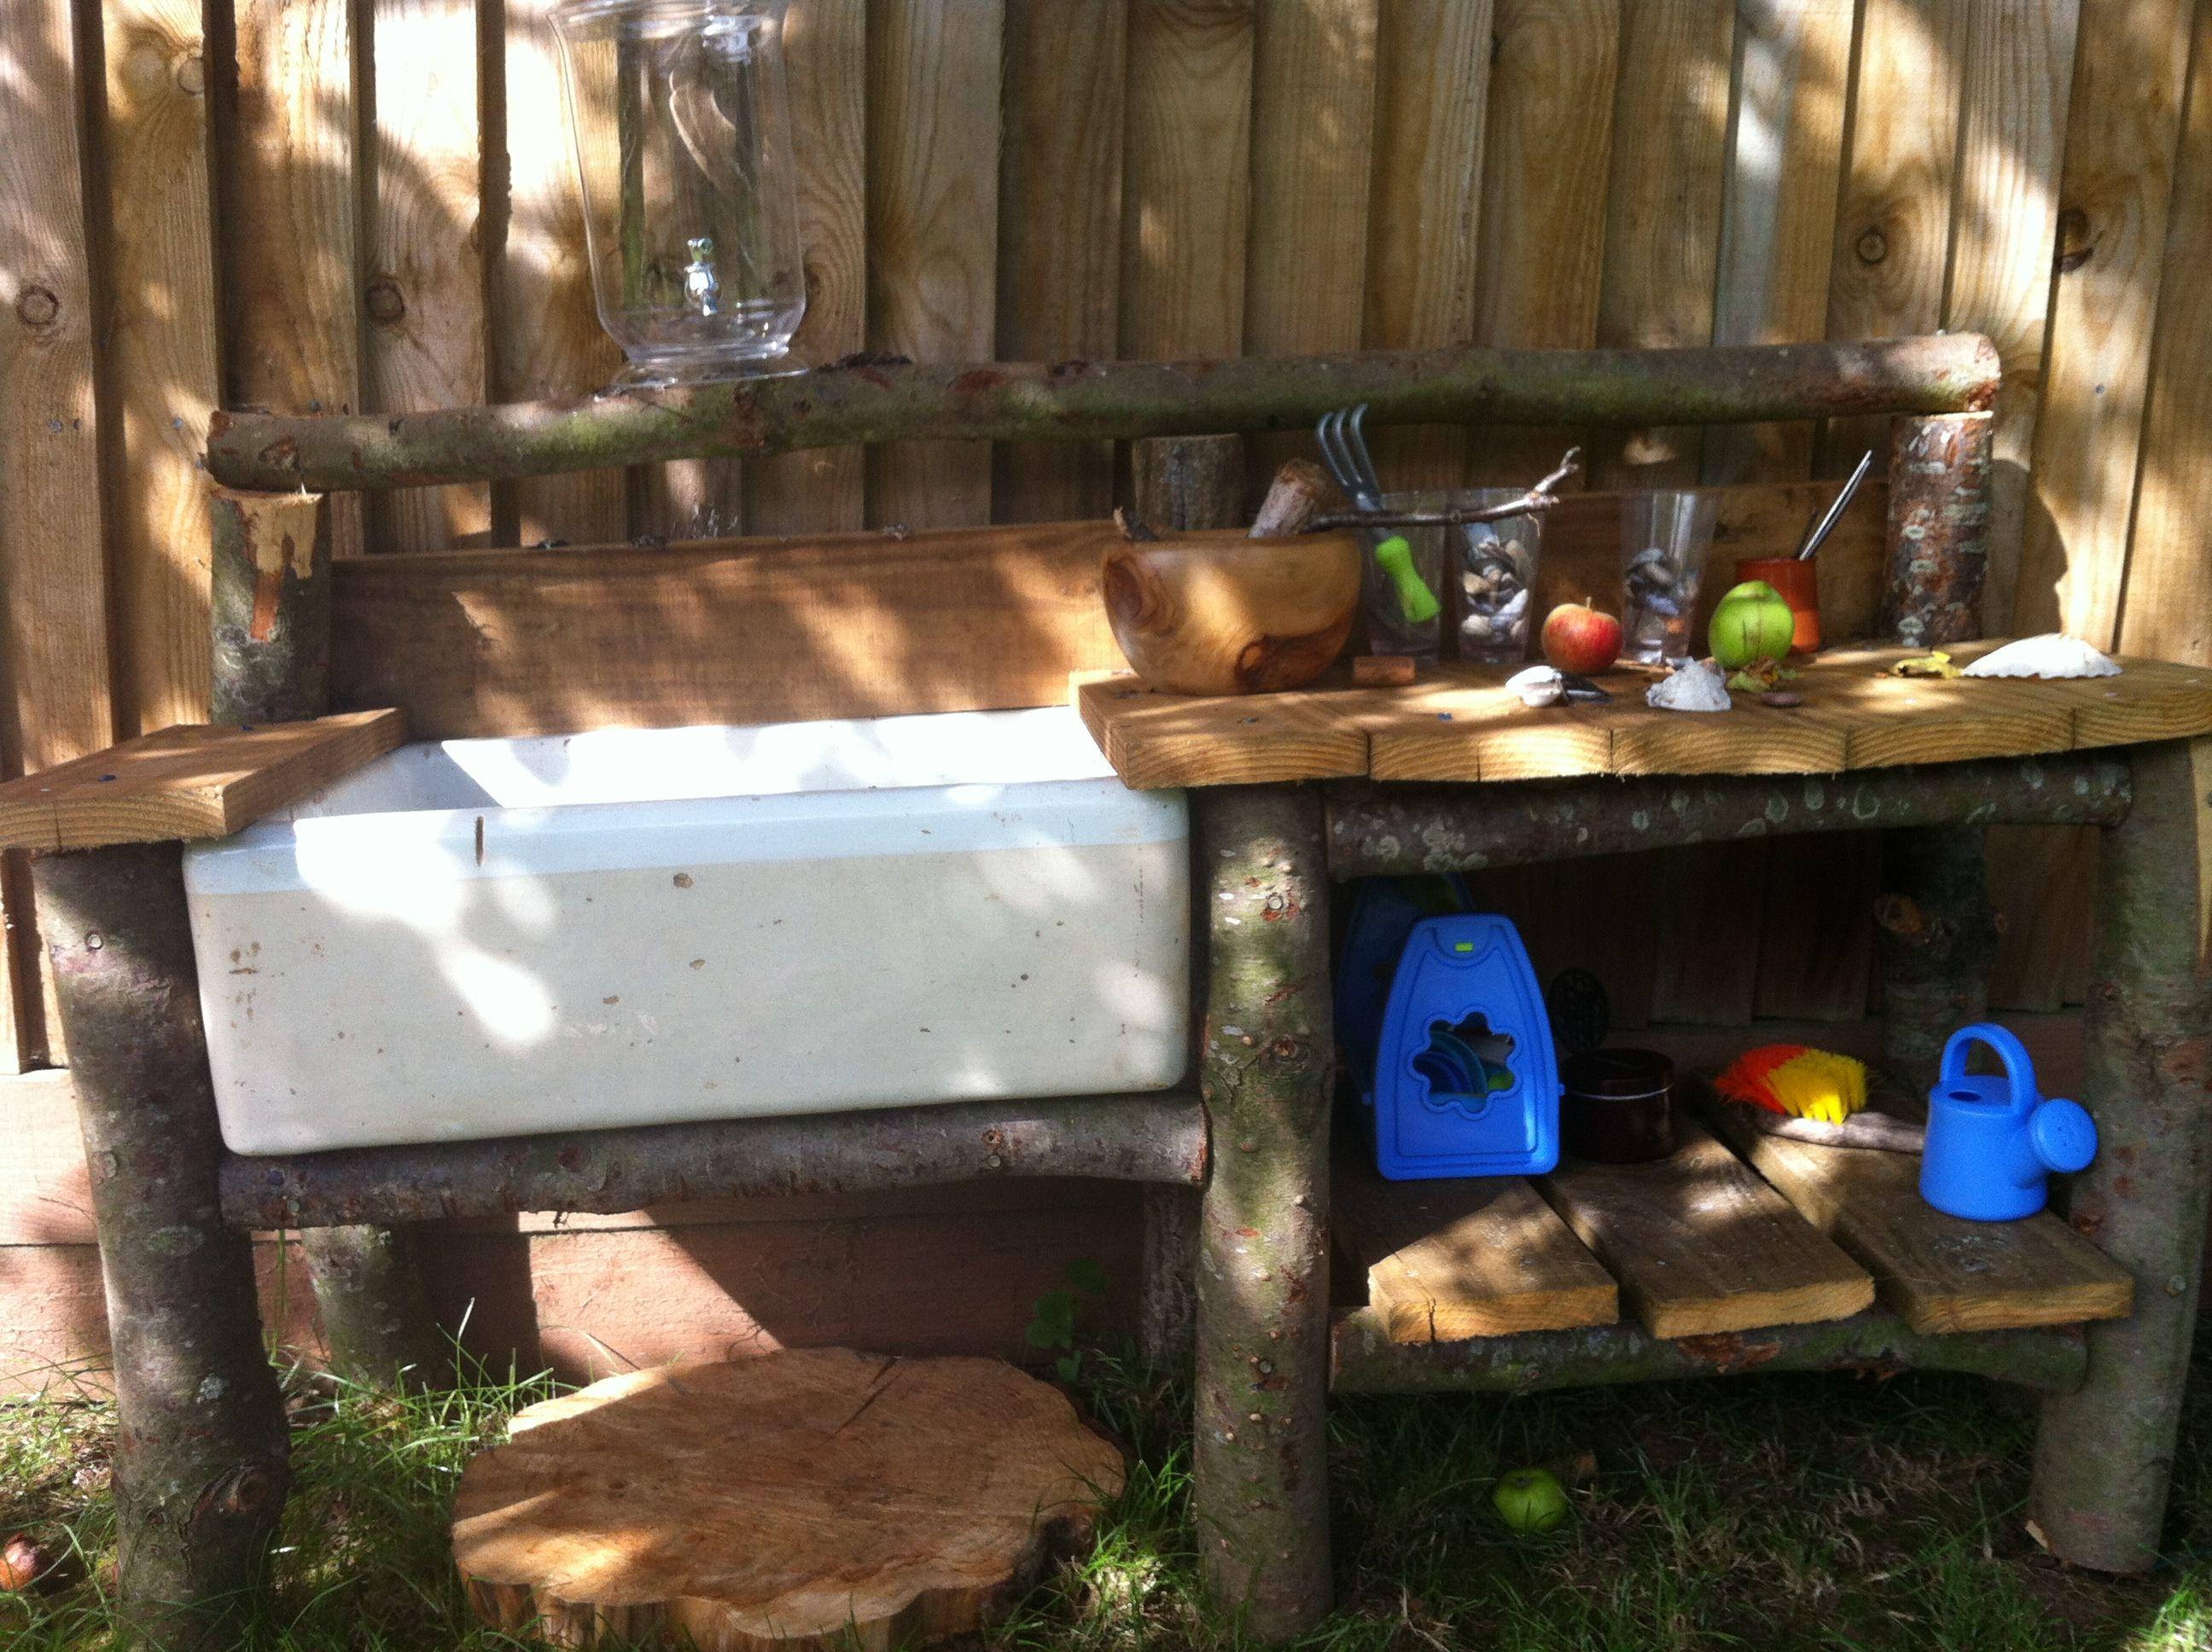 Mud kitchen Belfast sink | Forest school | Pinterest | Mud kitchen ...